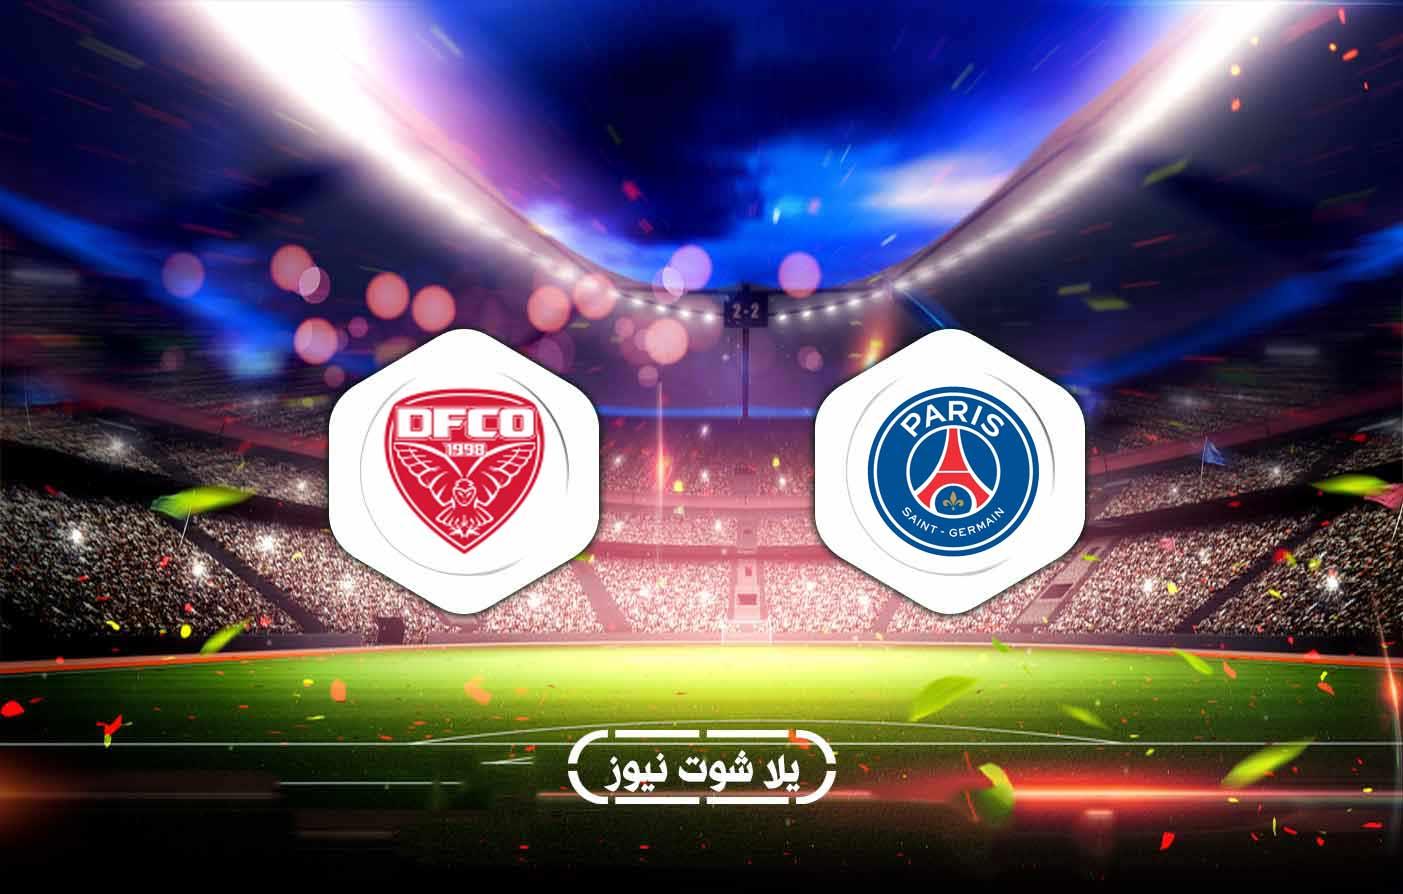 ملخص مباراة باريس سان جيرمان 4-0 ديجون بتاريخ 2020-10-24 الدوري الفرنسي